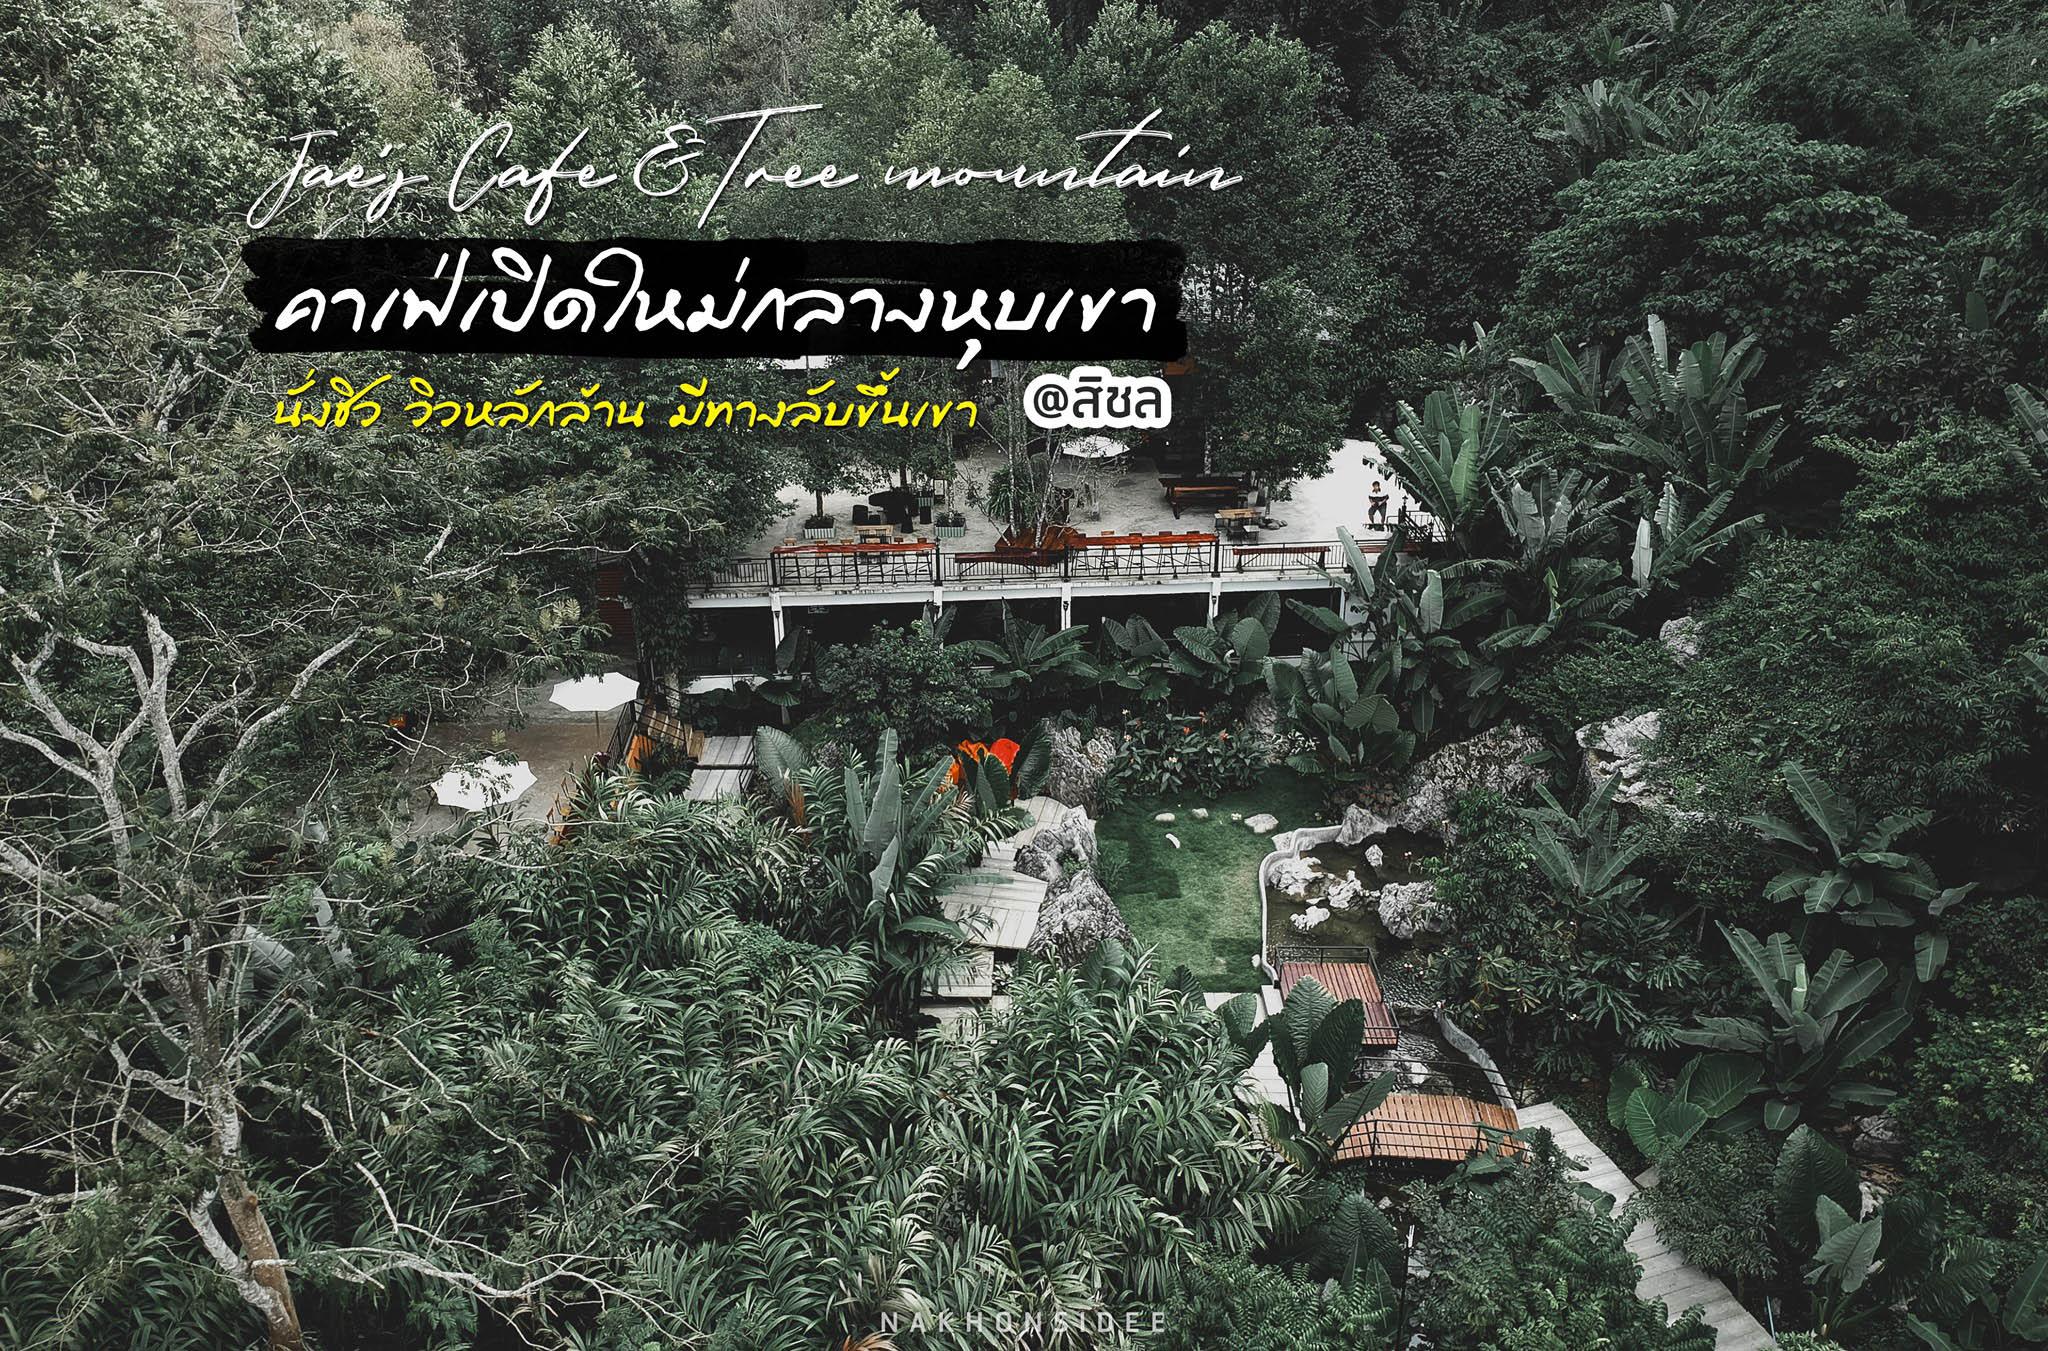 Jae's Cafe คาเฟ่เปิดใหม่กลางหุบเขา สิชล นครศรีธรรมราช ติดริมภูเขา กลางป่าอย่างแท้จริง มีสระว่ายน้ำ อาหารอร่อย เครื่องดื่มครบ มีทางลับๆขึ้นเขา เข้าถ้ำด้วย บอกเลยยังไงก็ต้องมาเช็คอิน